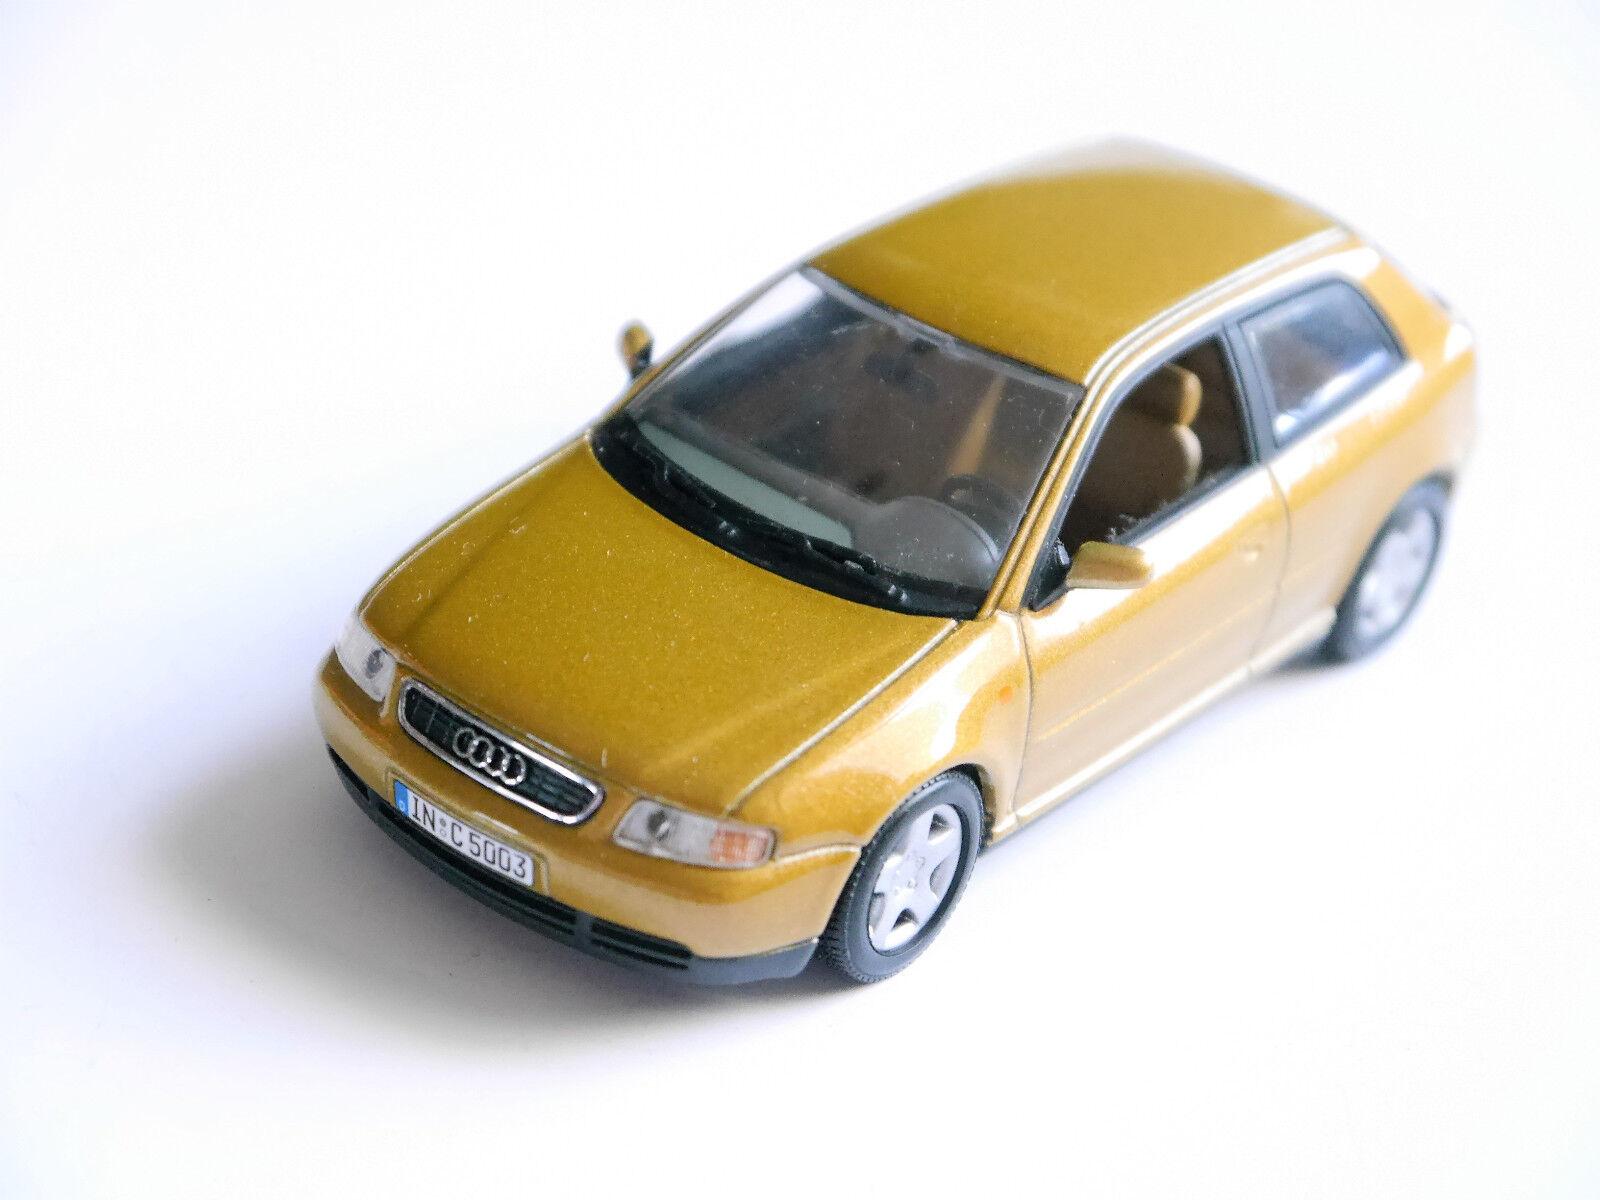 Audi a3 a 3 (tipo 8l) 3 puertas 3 Doors (1997) en oro metalizado, Minichamps en 1 43